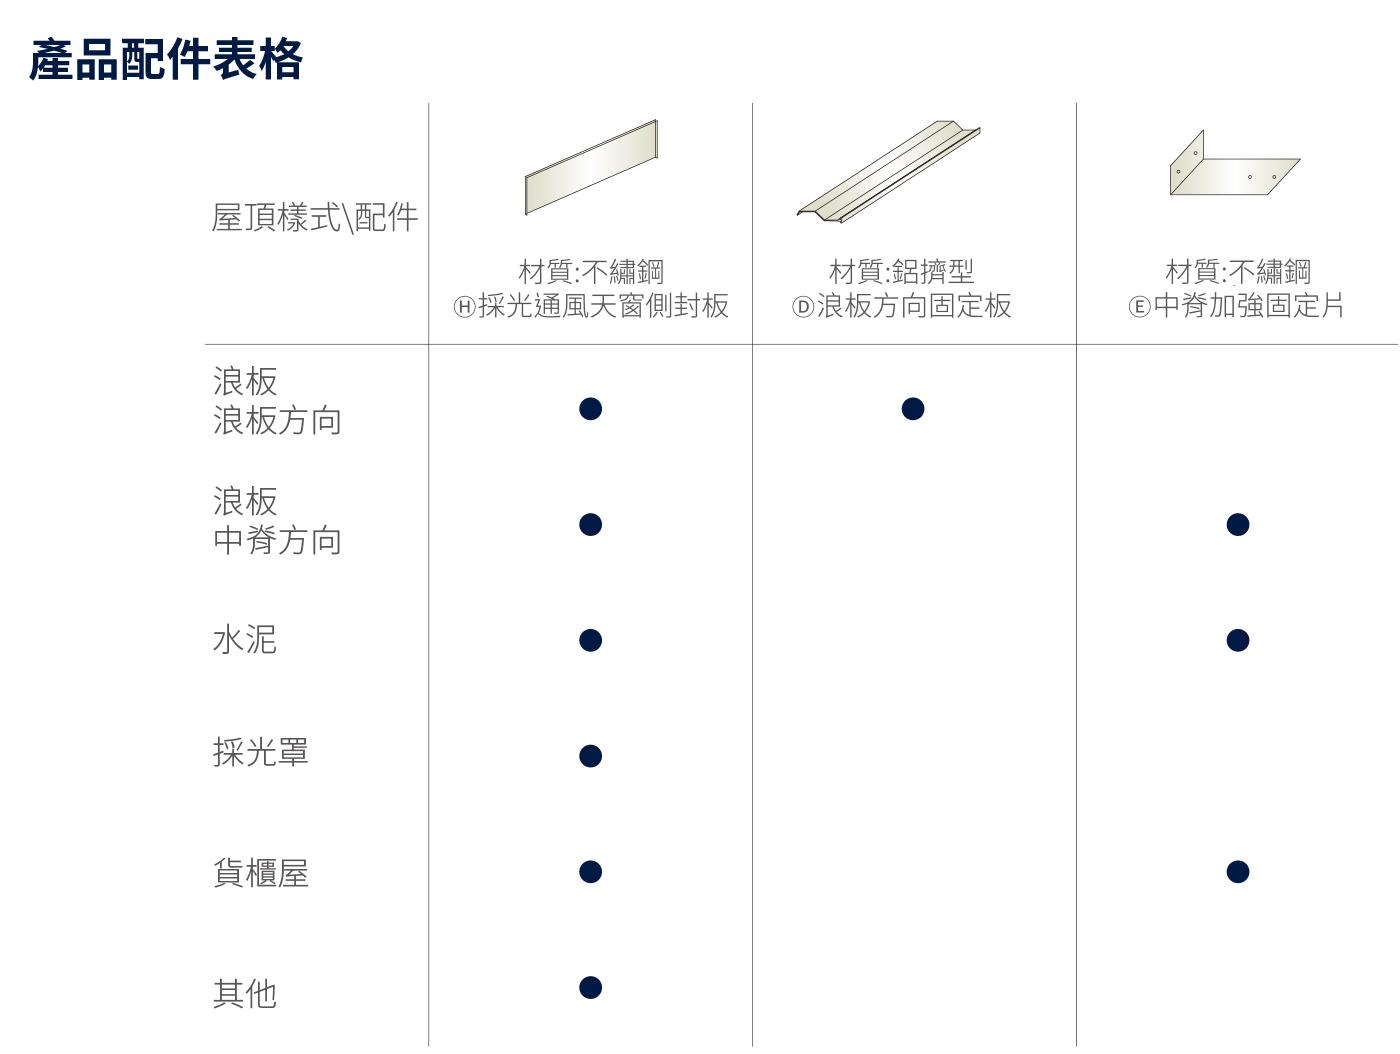 採光通風排煙窗-產品配件表格